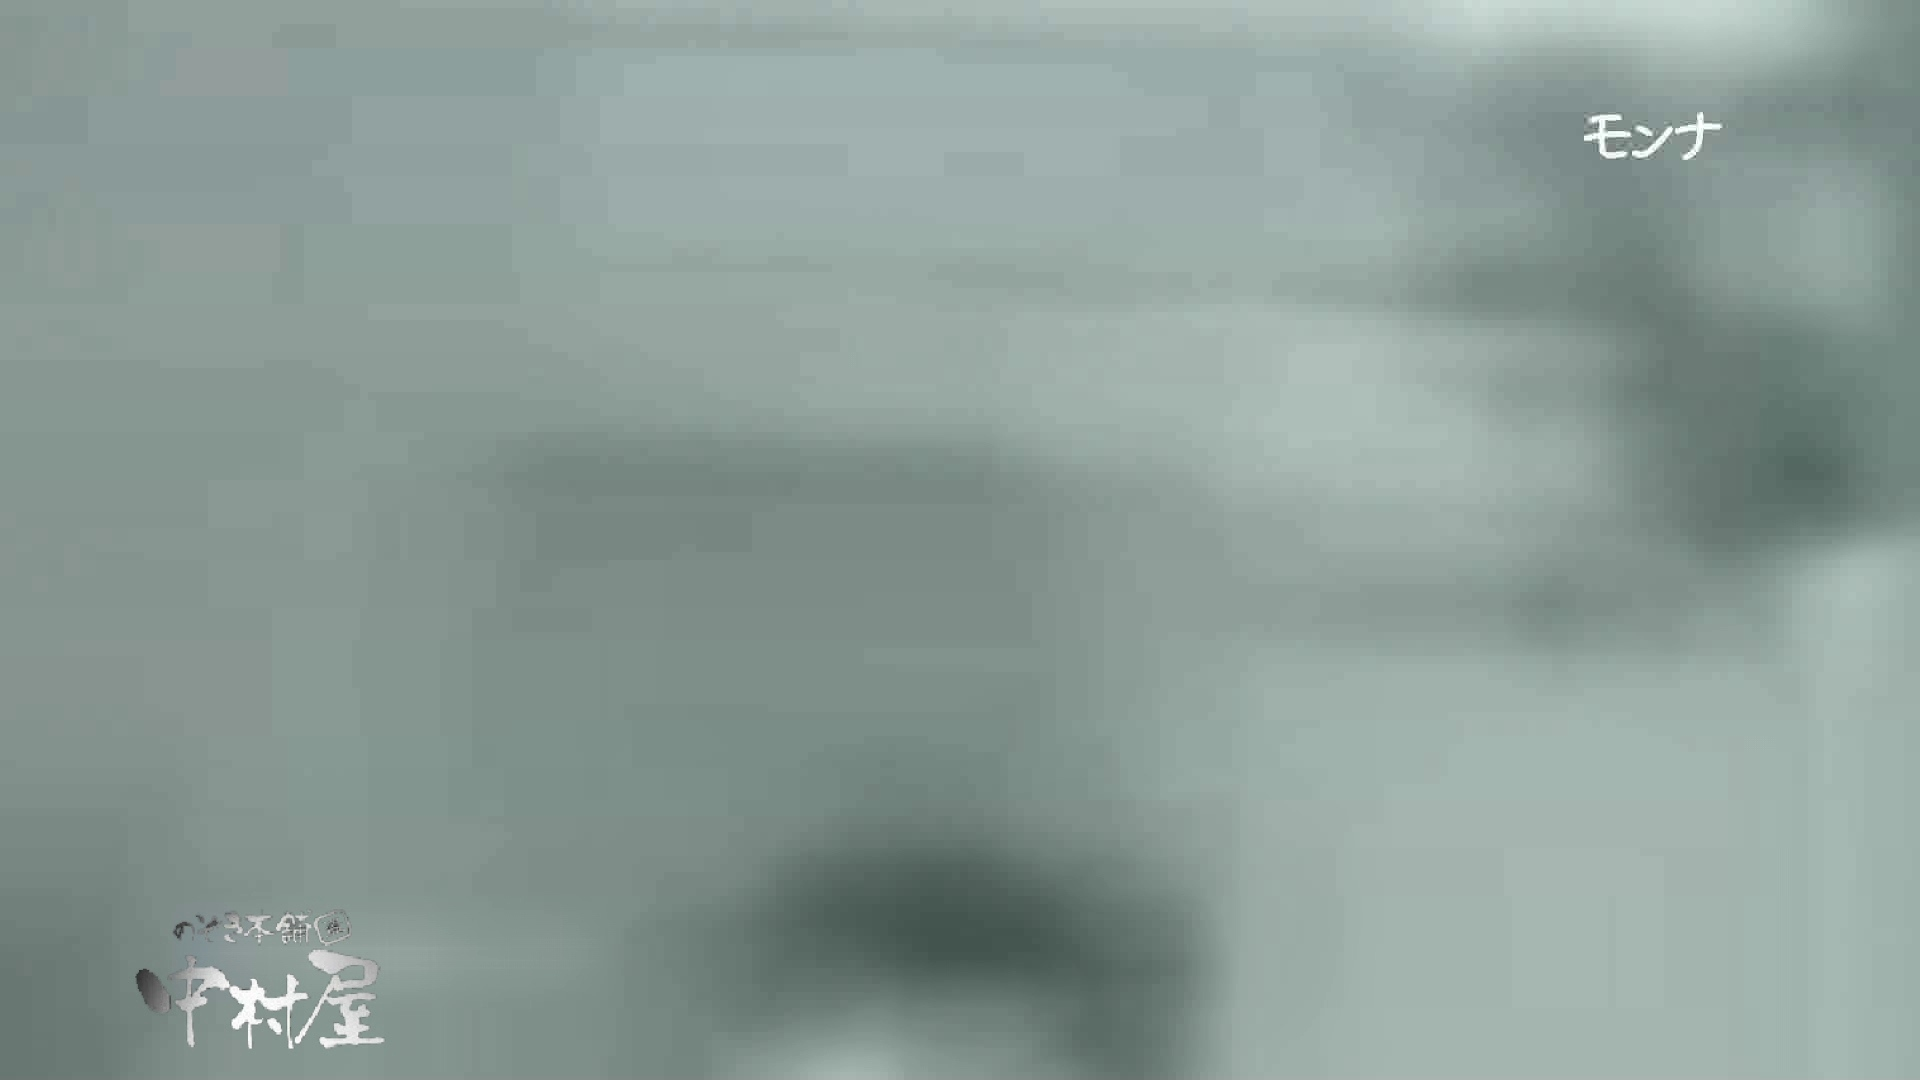 【美しい日本の未来】遂に!!戸田恵梨香似の予告モデル登場ダッシュで「大」後編 0  52連発 4